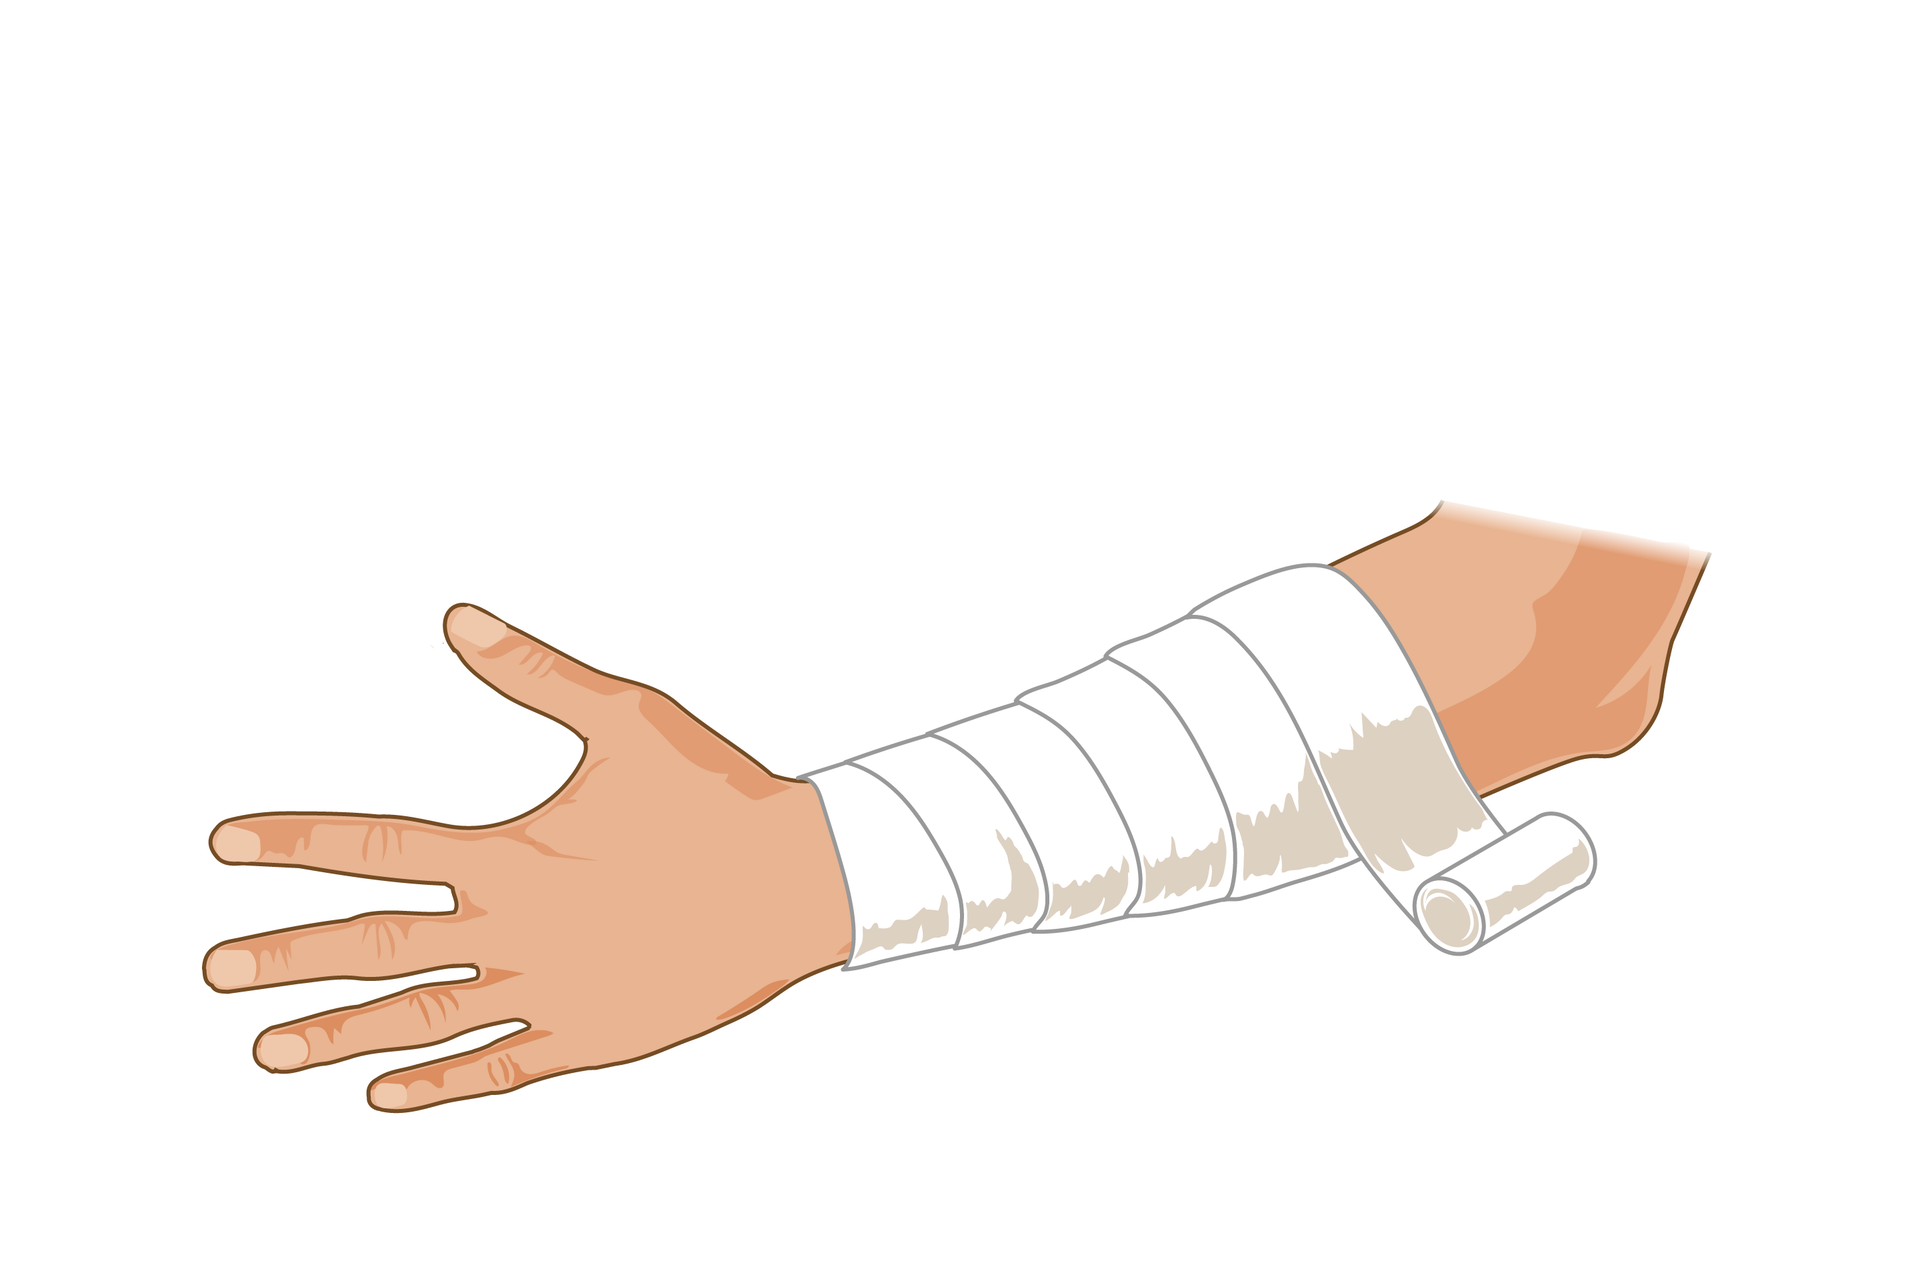 Ilustracja przedstawia zabezpieczanie rany. Lewa ręka ukazana od dłoni zwyprostowanymi palcami po lewej stronie rysunku do łokcia po prawej stronie skierowana jest zewnętrzną stroną do obserwatora. Całe przedramię, od nadgarstka do łokcia jest owinięte białym bandażem. Bandaż nawinięty spiralnie od nadgarstka kończy się wokolicy łokcia rolką.